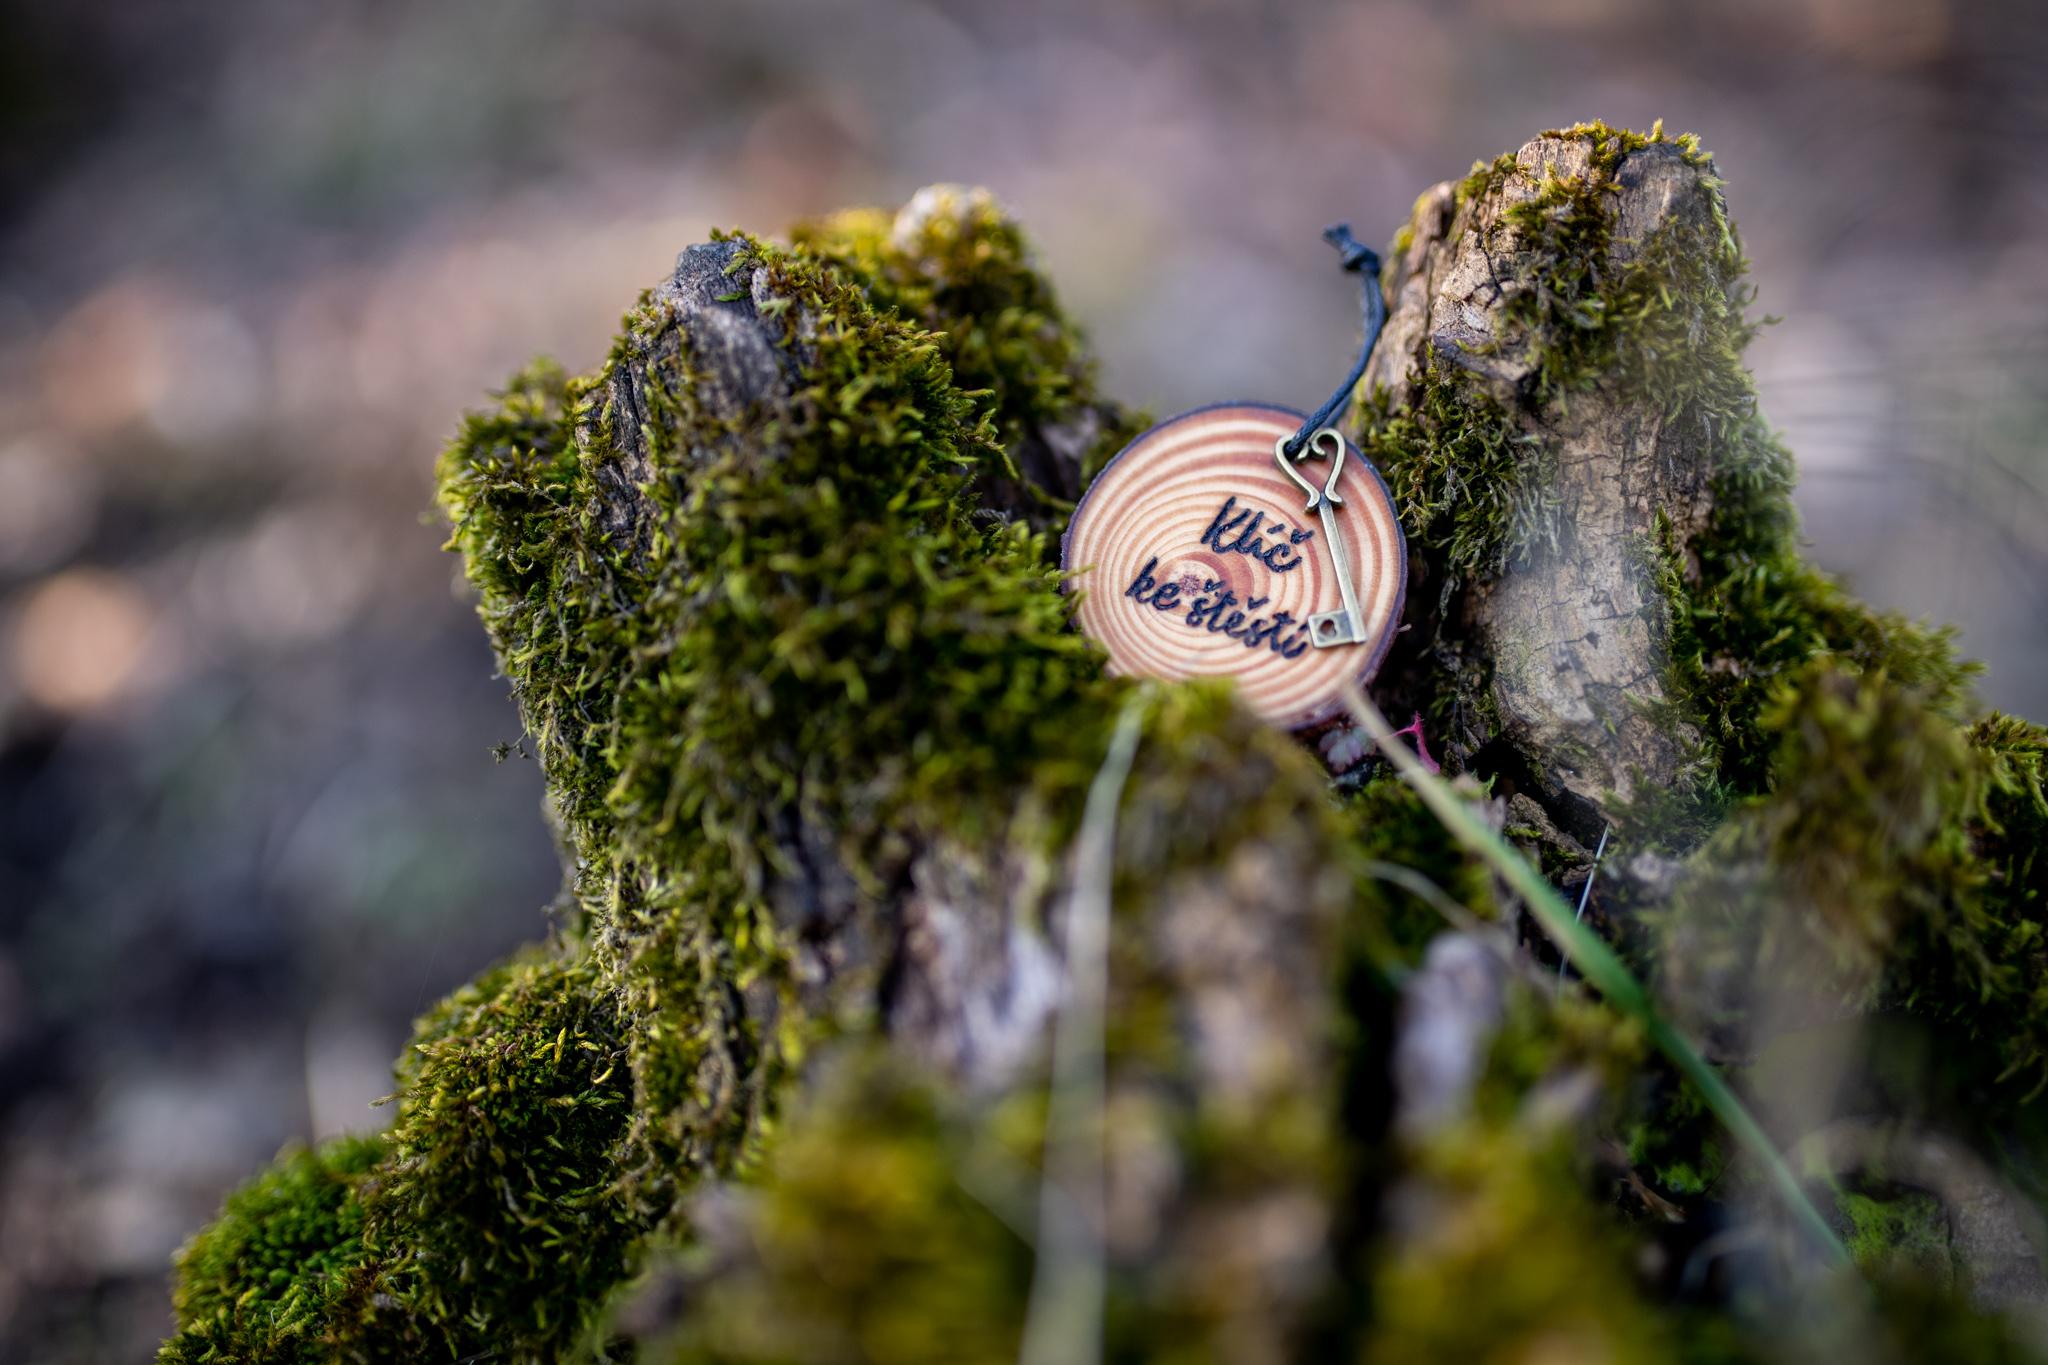 """Borovicové kolečko s ručně vypáleným textem """"Klíč ke štěstí"""". Ke dřevíčku je připevněný malinký kovový klíček, který má ve spodní časti malé roztomilé srdíčko...Kolečko je ošetřeno přírodní směsí Odie's oil (Vyrobeno ručně)"""